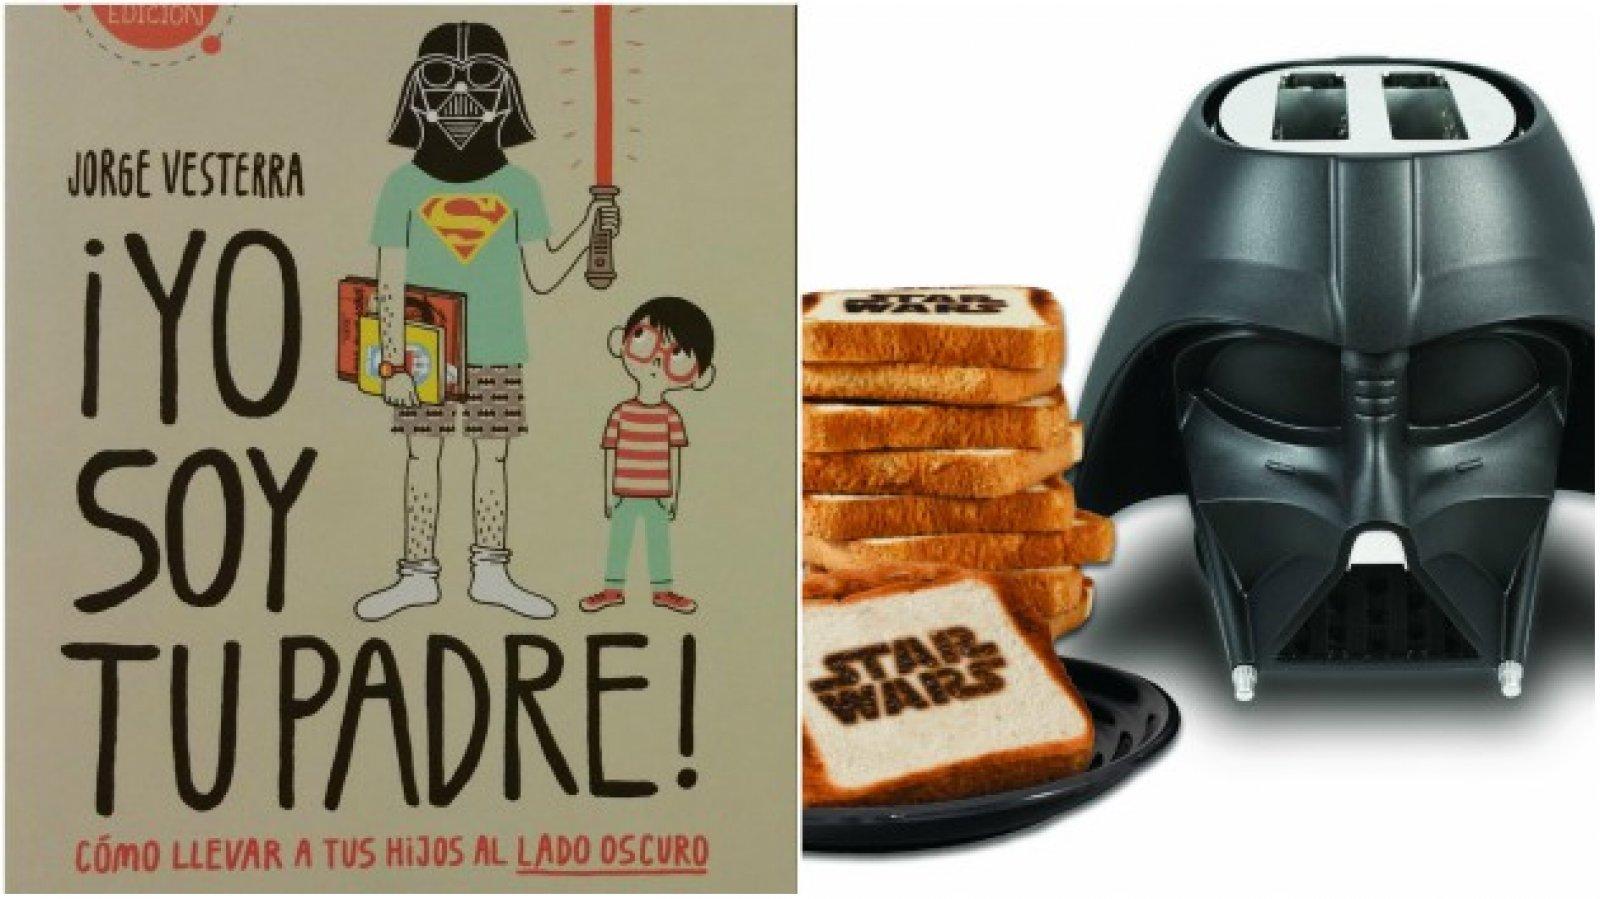 Regalos temáticos para los fans de Star Wars.